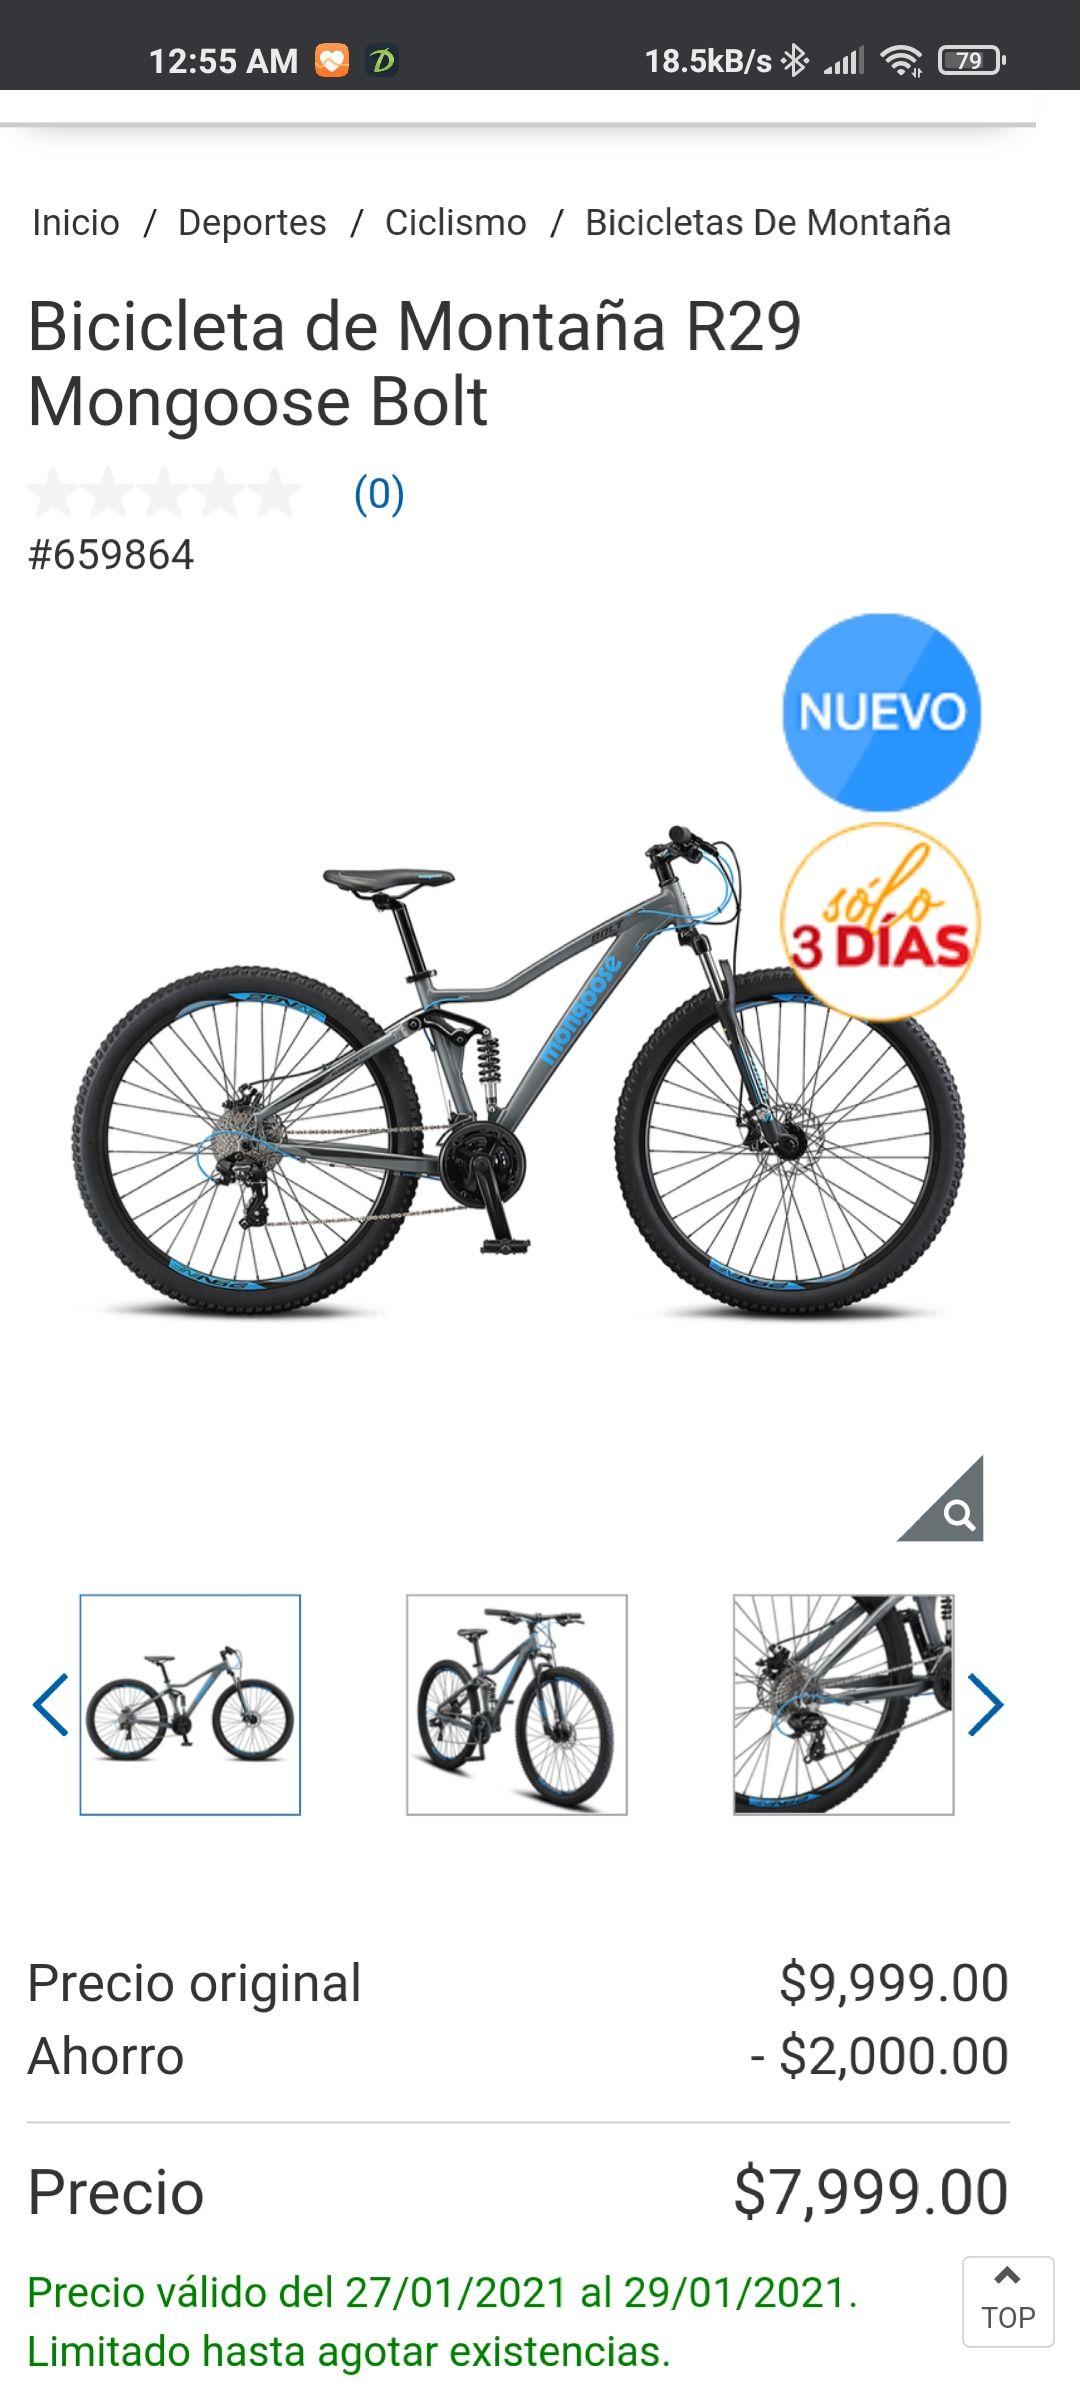 Costco: Bicicleta de Montaña R29 Mongoose Bolt